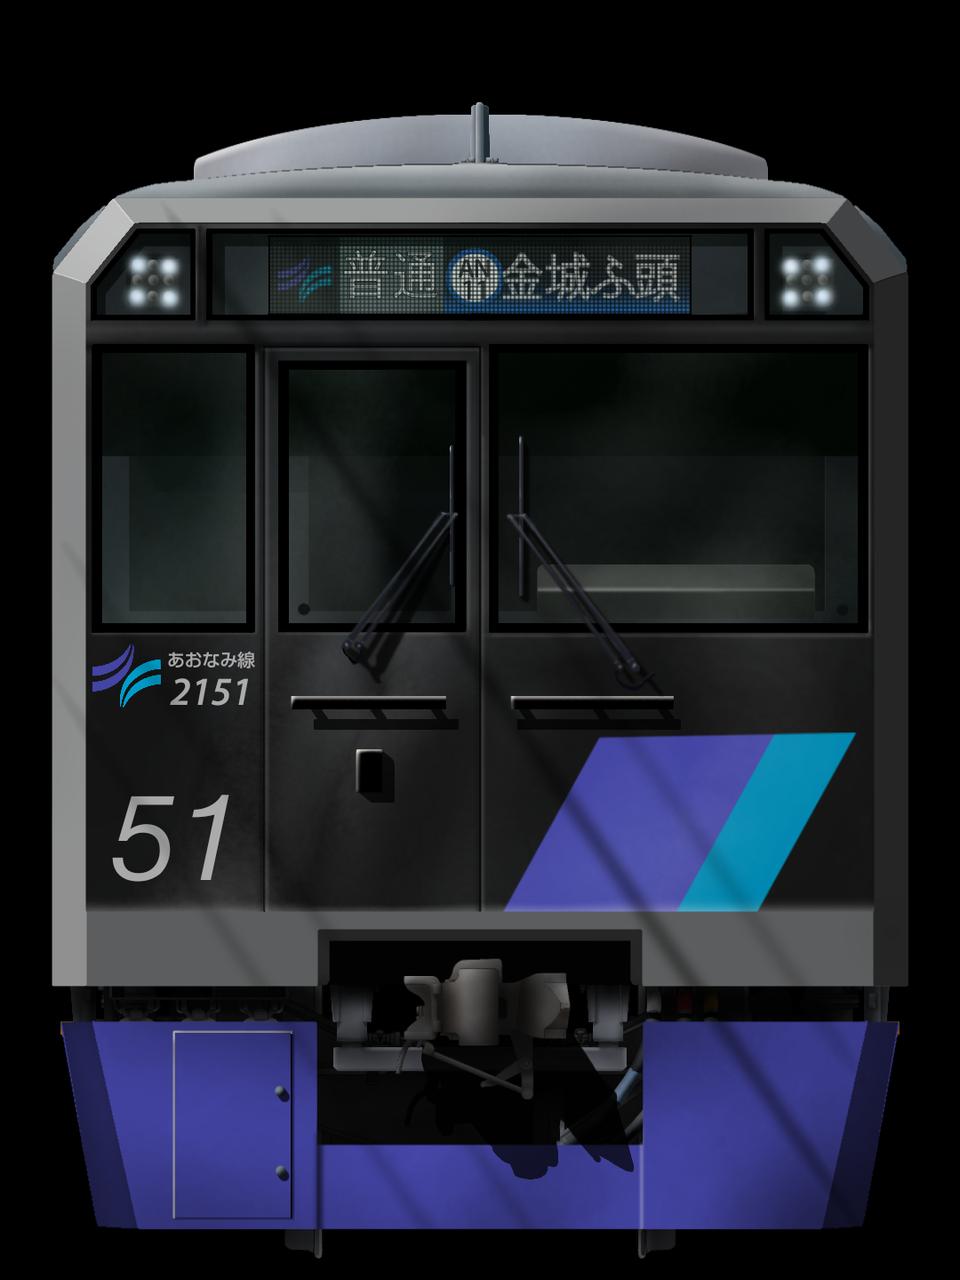 三田 新型 車両 線 都営 都営三田線「8両化」、悲願実現への長い道のり 昔から計画あったが…ついに2022年度開始(東洋経済オンライン)